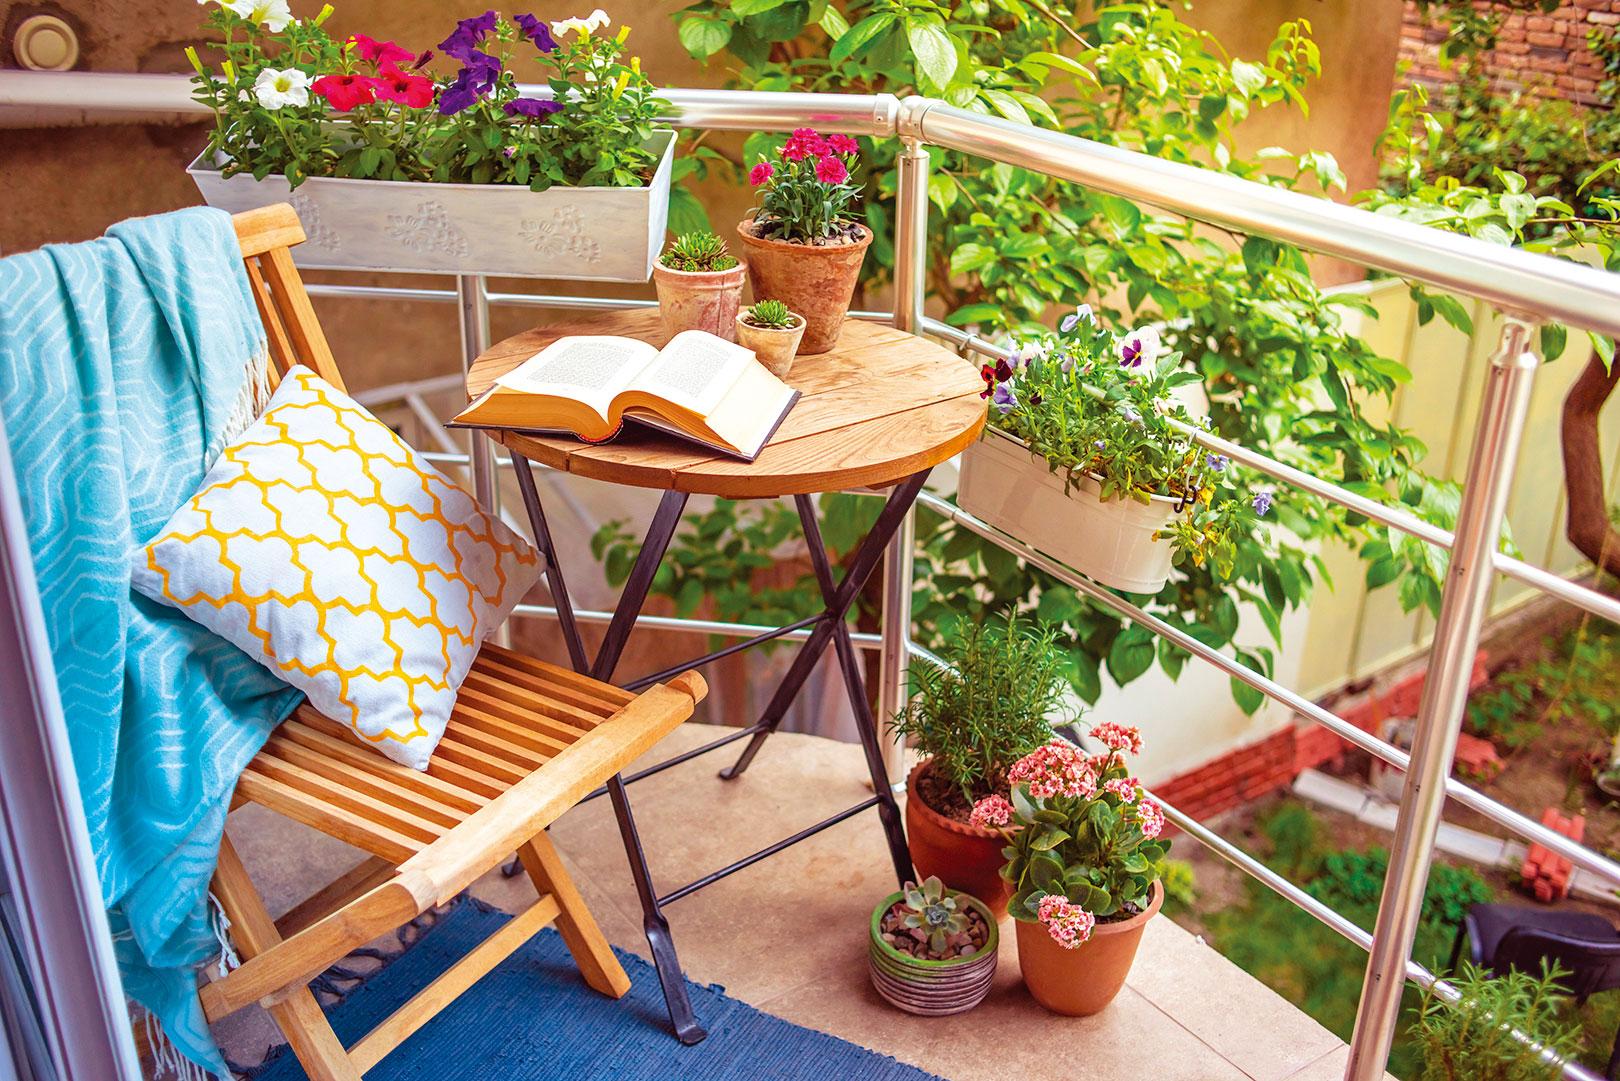 只要了解一些簡單的設計思路,你也能輕鬆地將公寓陽台轉變為讓人放鬆的綠洲。(shutterstock)